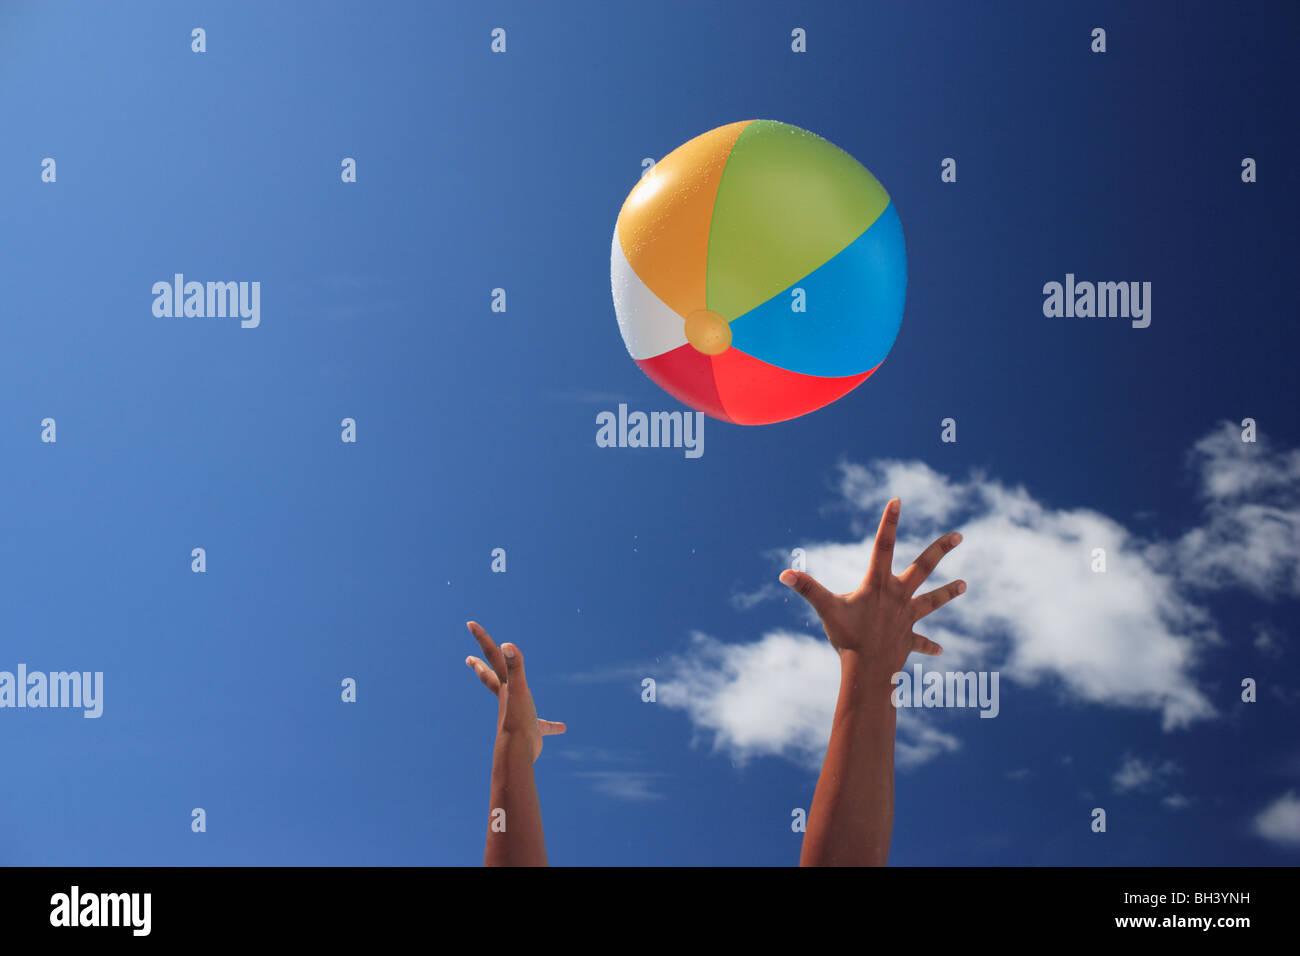 Eine Frauenhand werfen einen aufblasbaren Wasserball in der Luft Stockbild